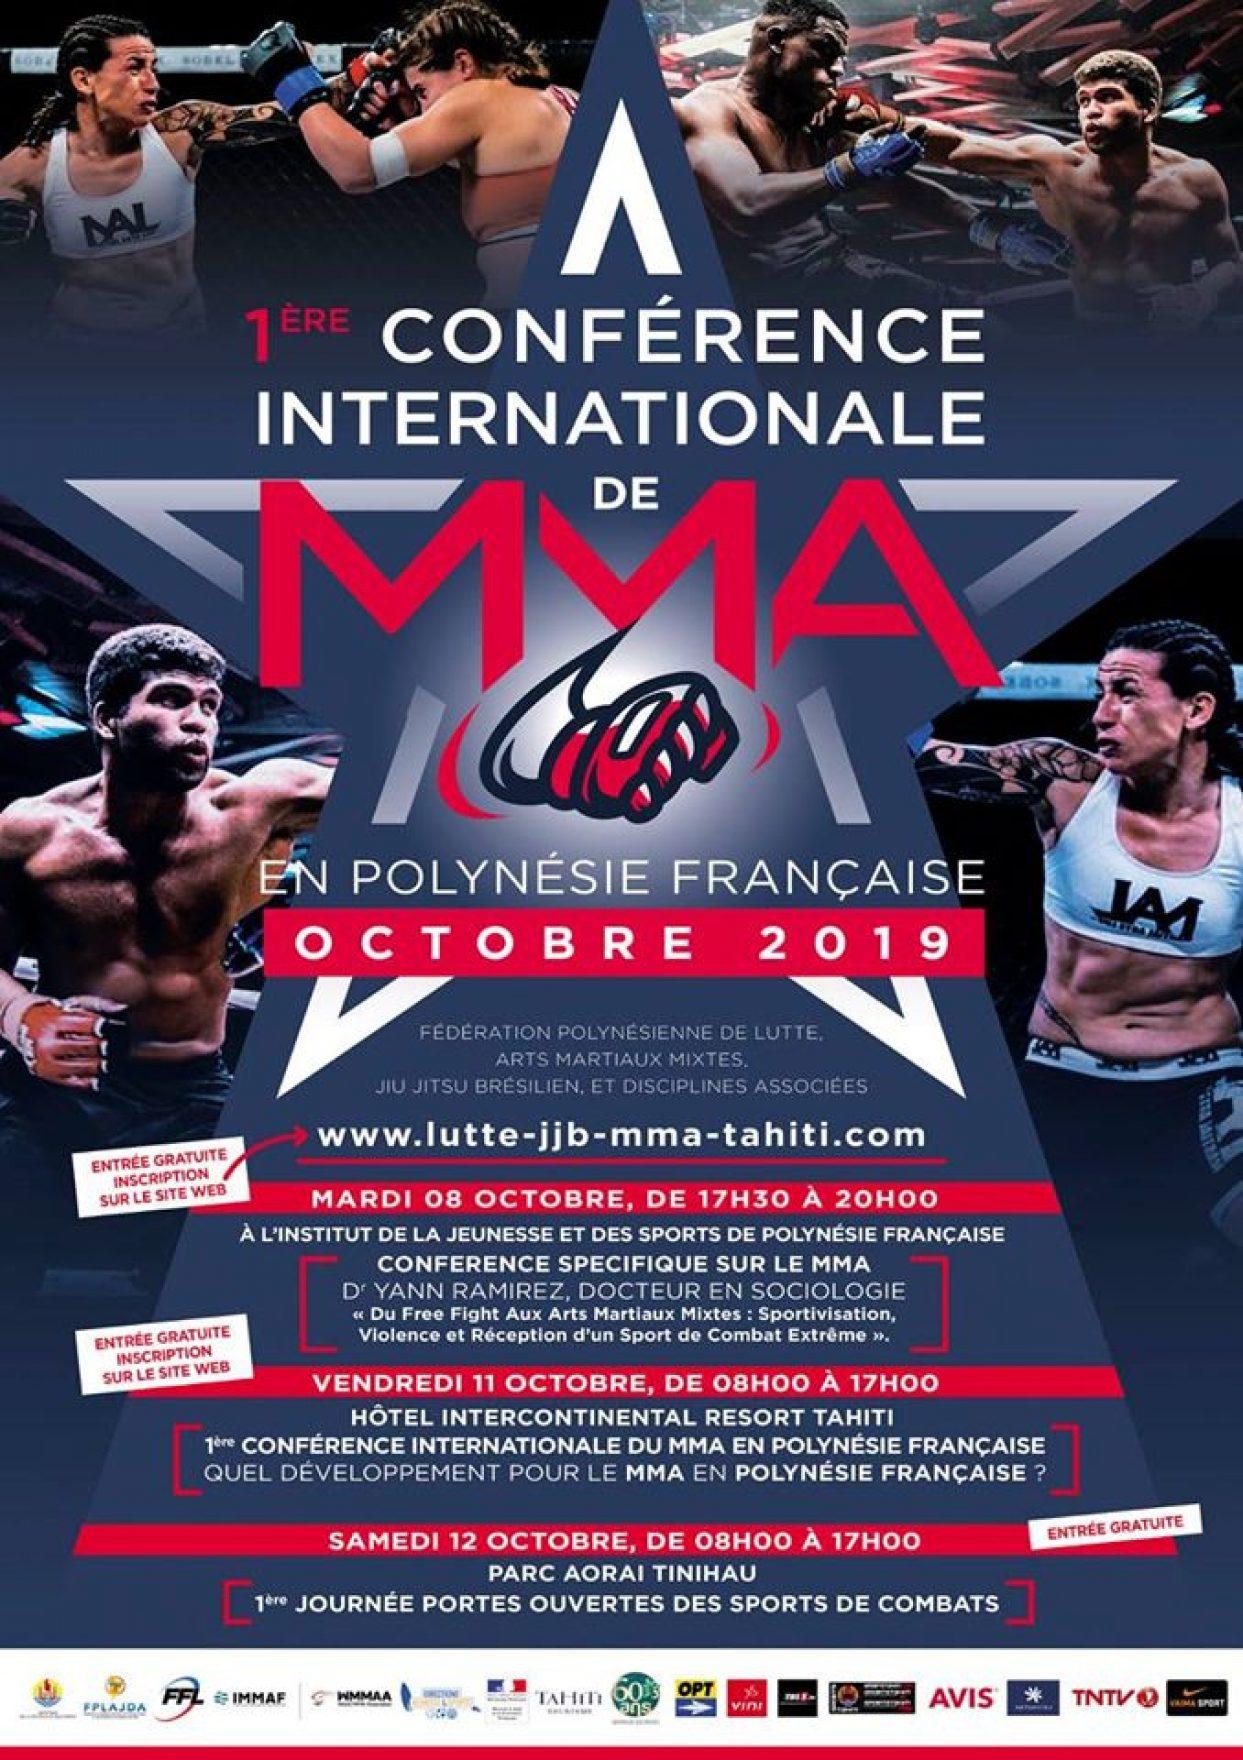 Le #GroupeOPT partenaire de la première conférence internationale de #MMA